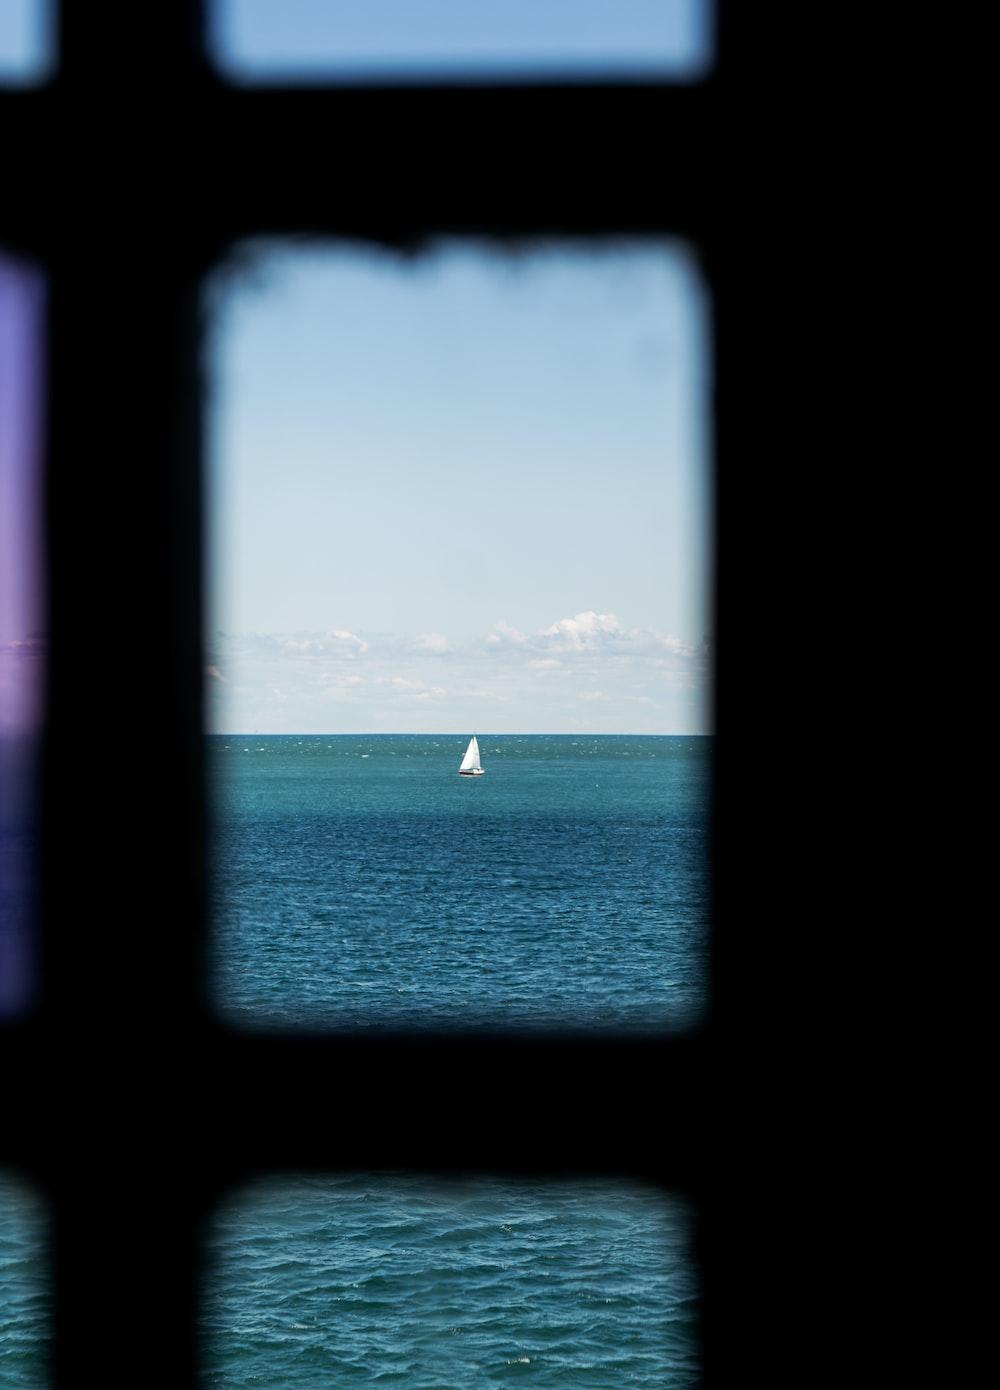 white sailboat on sea